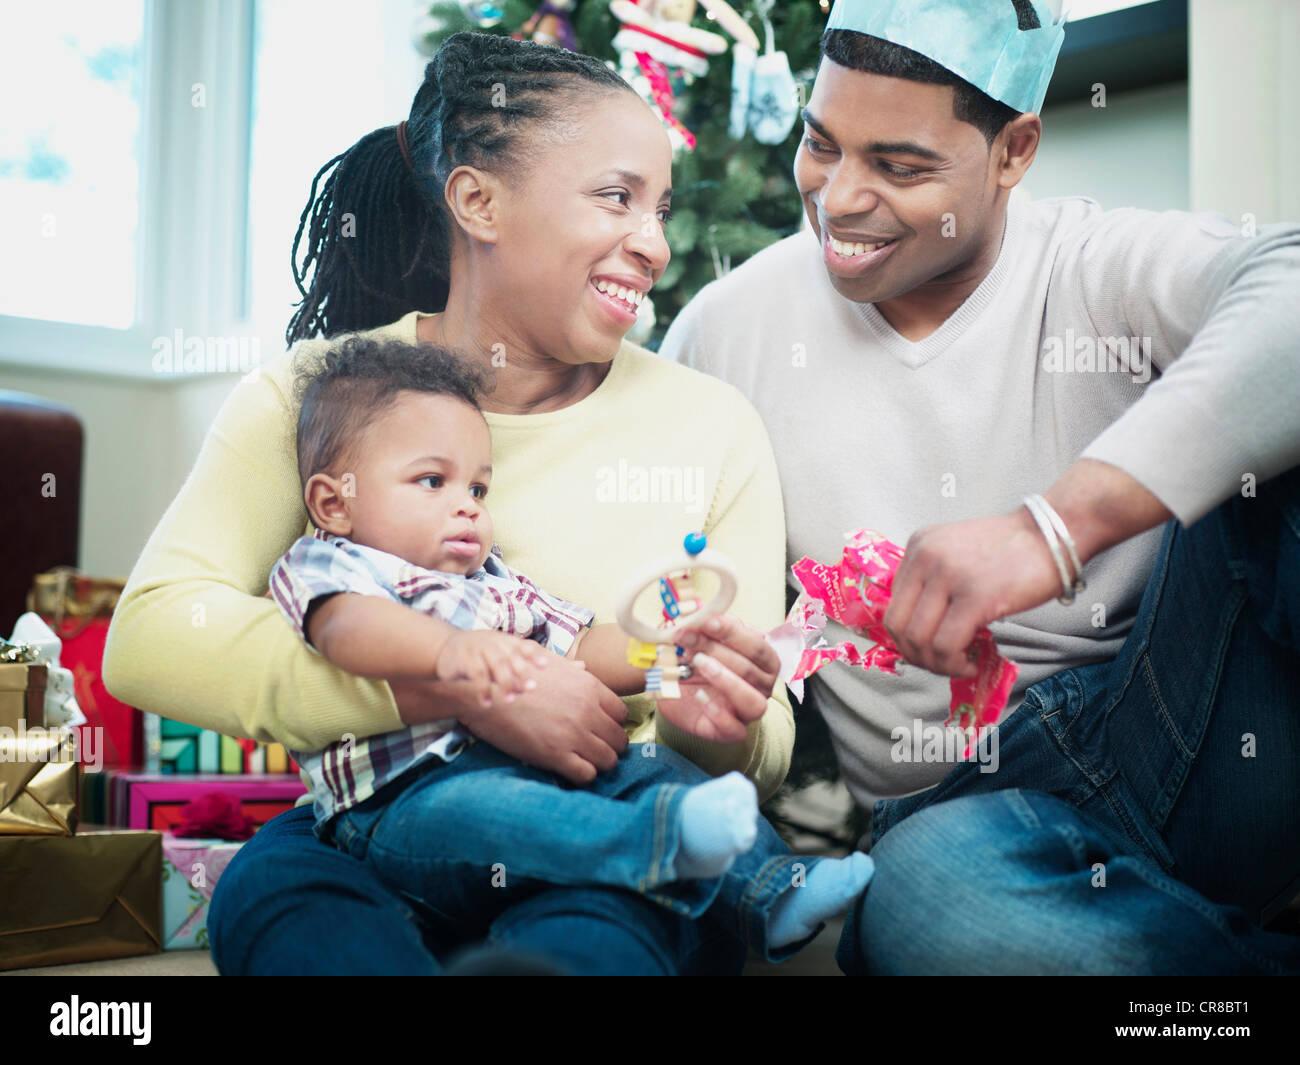 Eltern und Baby Boy Eröffnung Weihnachtsgeschenke Stockfoto, Bild ...